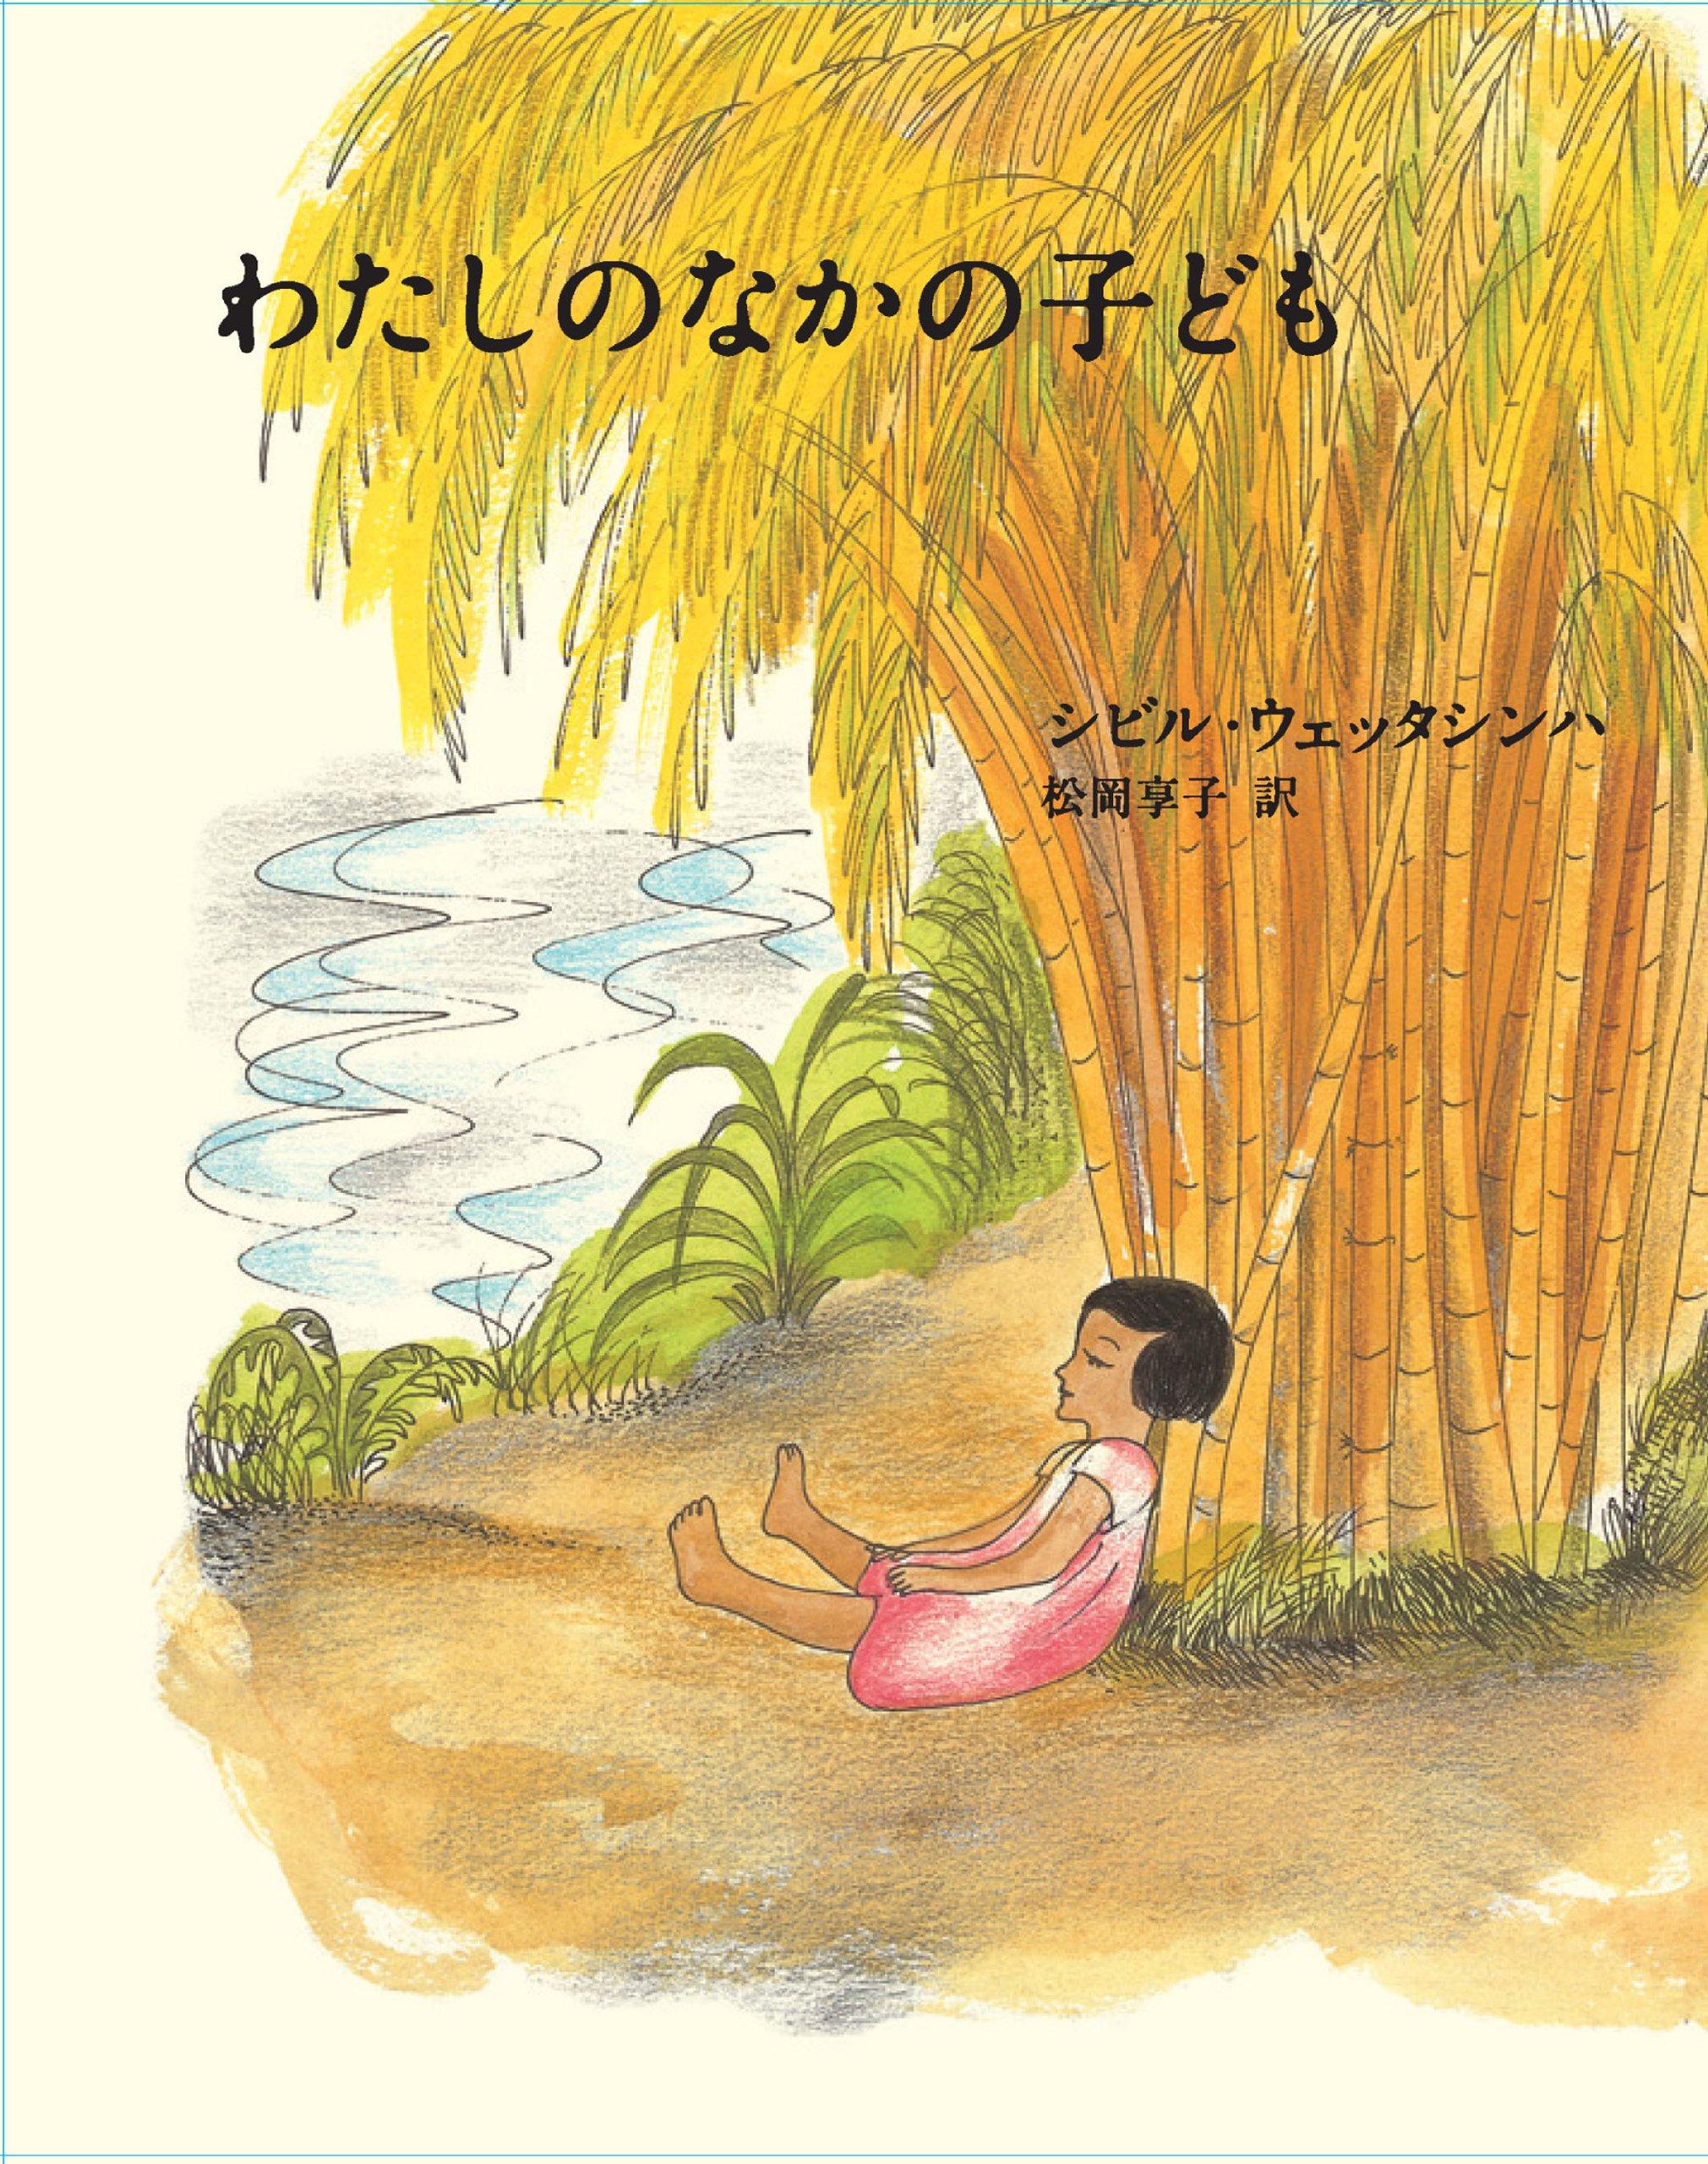 Watashi no naka no kodomo pdf